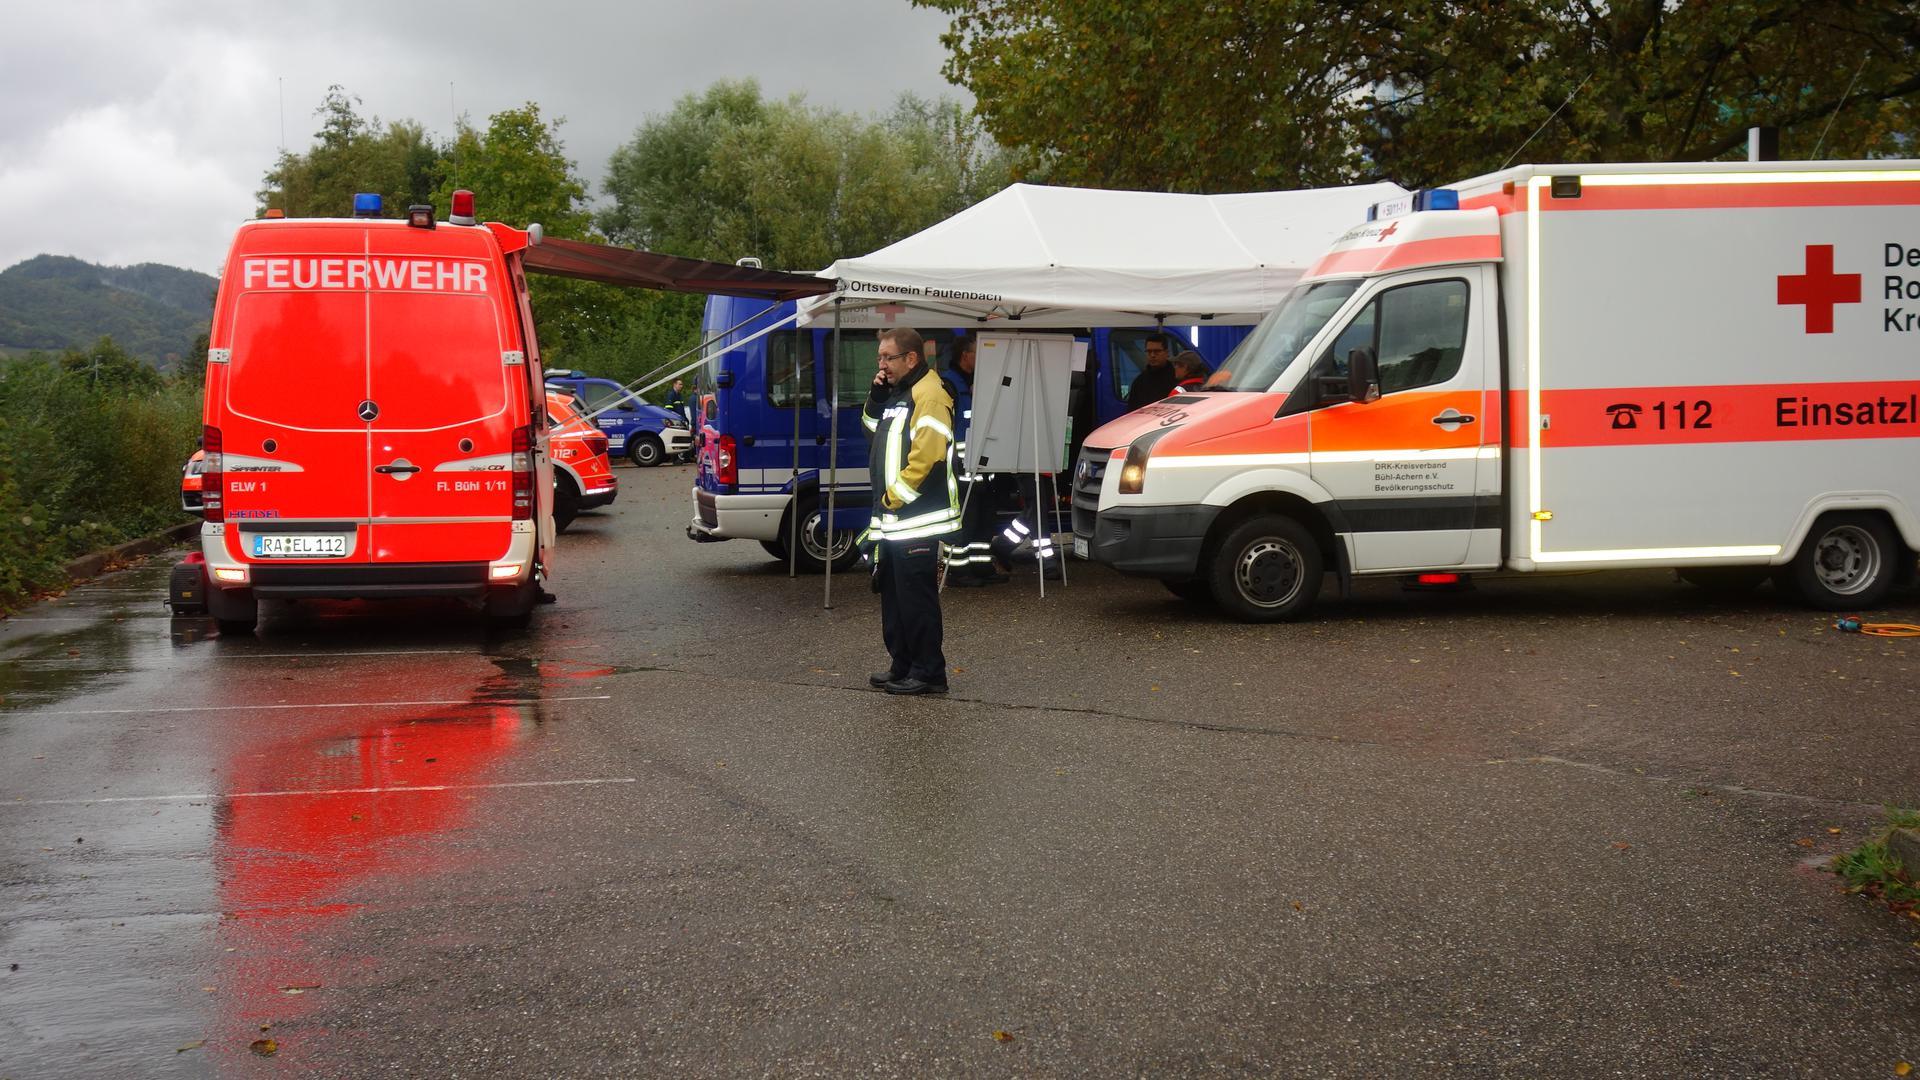 Auf einem Parkplatz unter dem Klinikum Mittelbaden in Bühl wurde während der Suche ein Lagezentrum eingerichtet.